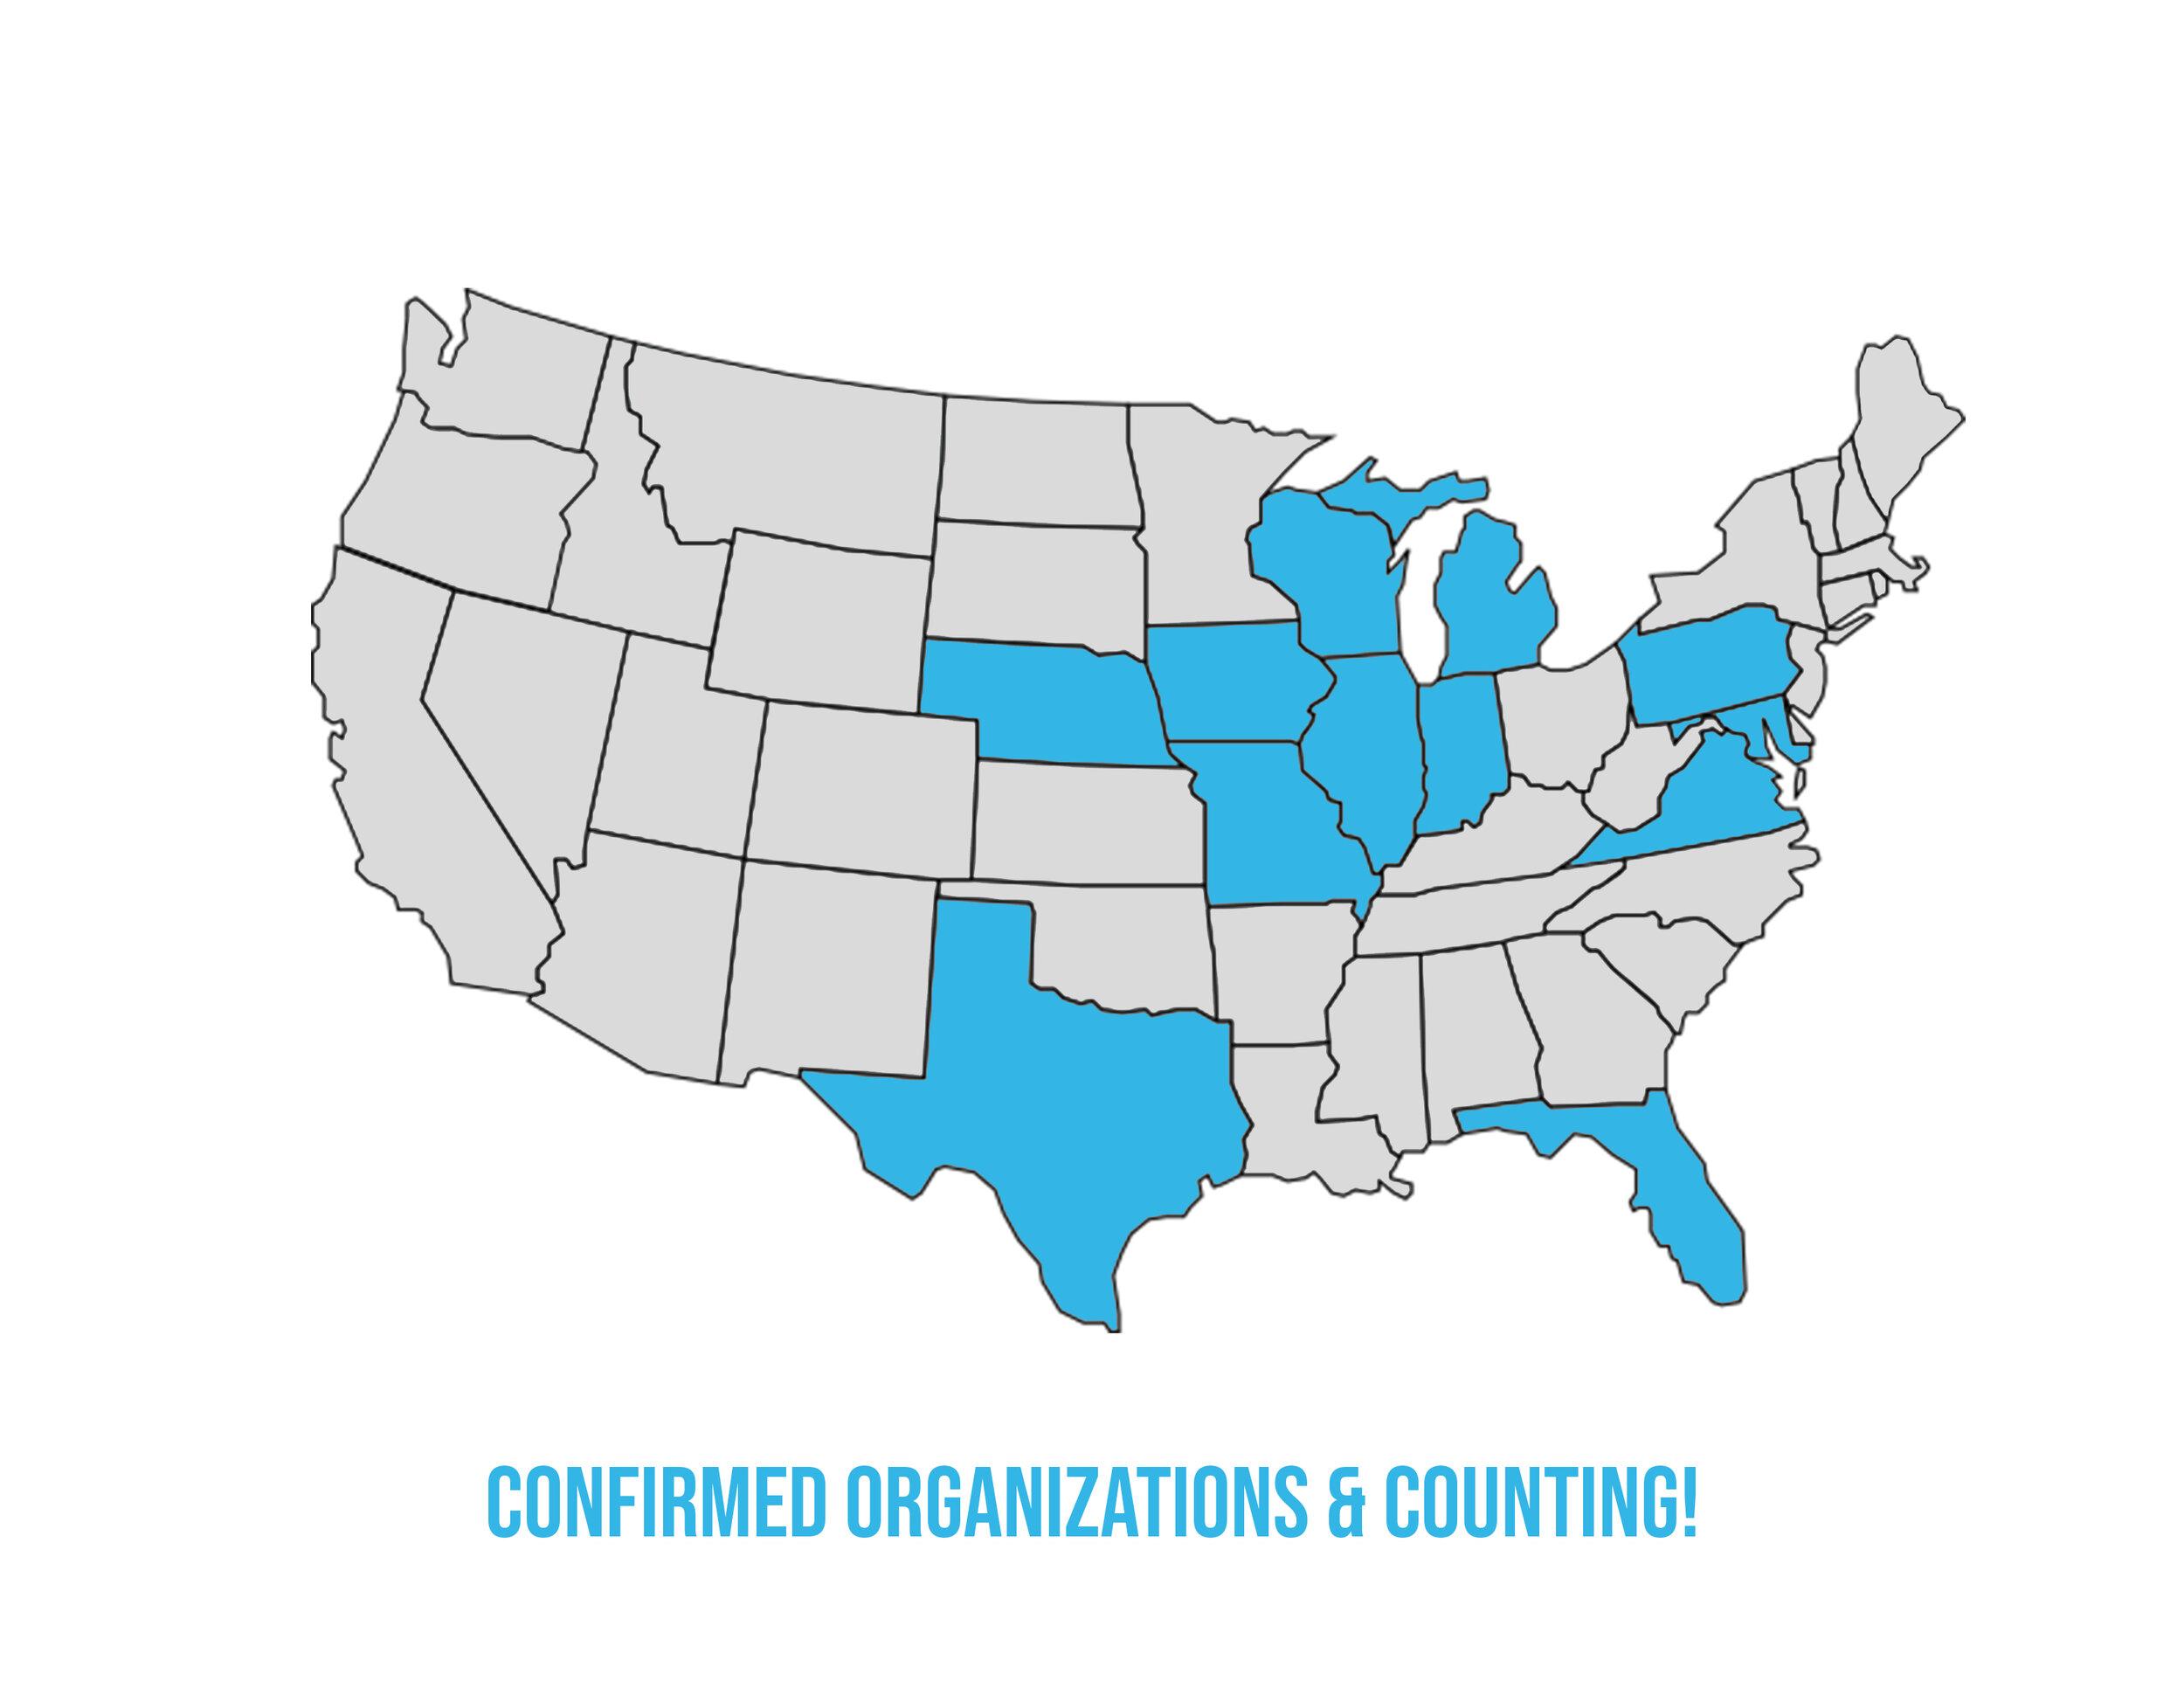 USmap-organizationsconfirmed-0926.jpg